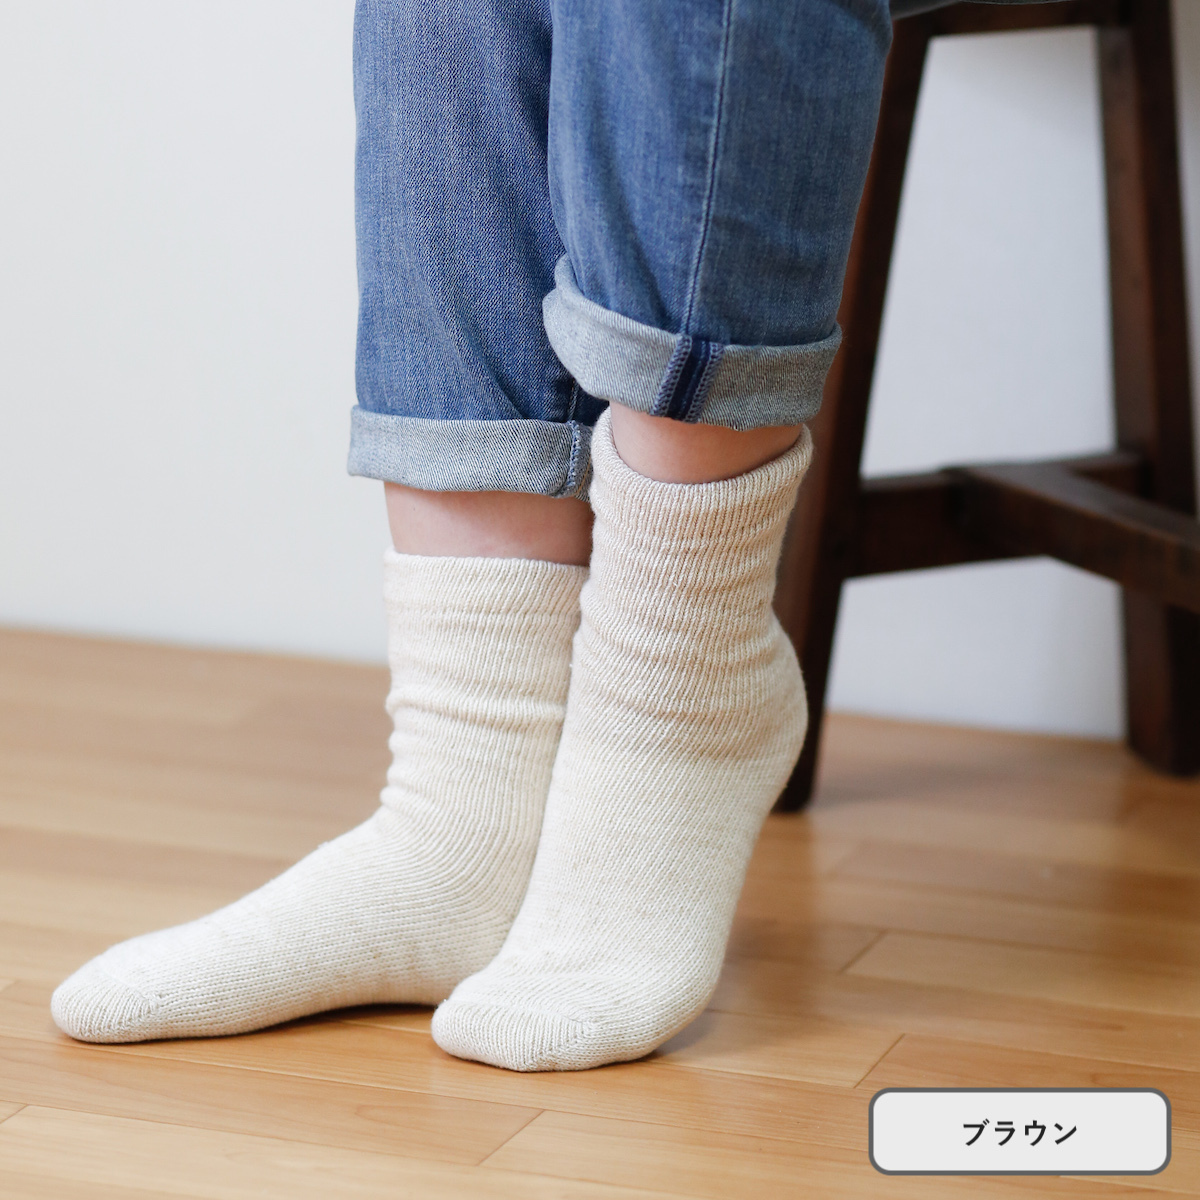 裏シルク(絹紡糸)2重編みルームソックス(レディース)